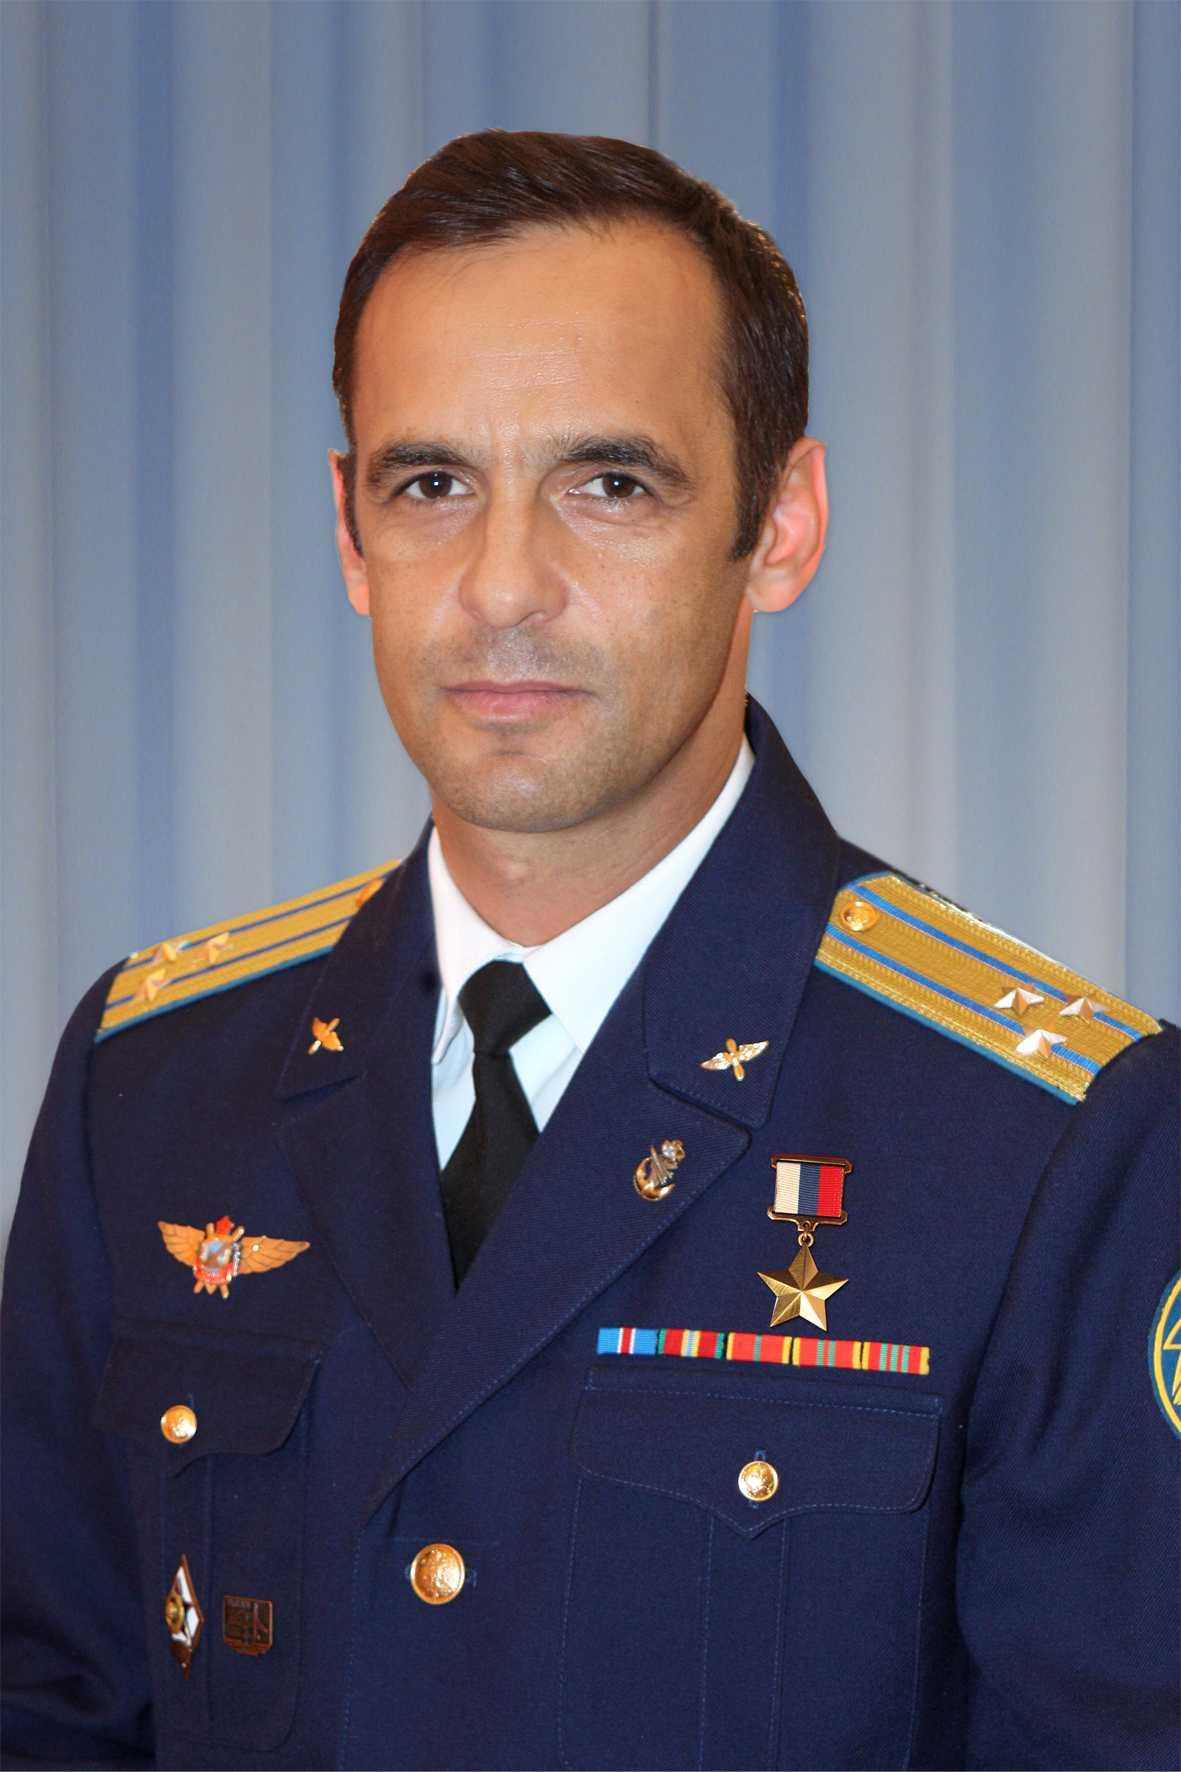 Герой России летчик-испытатель полковник МУТОВИН Олег Евгеньевич